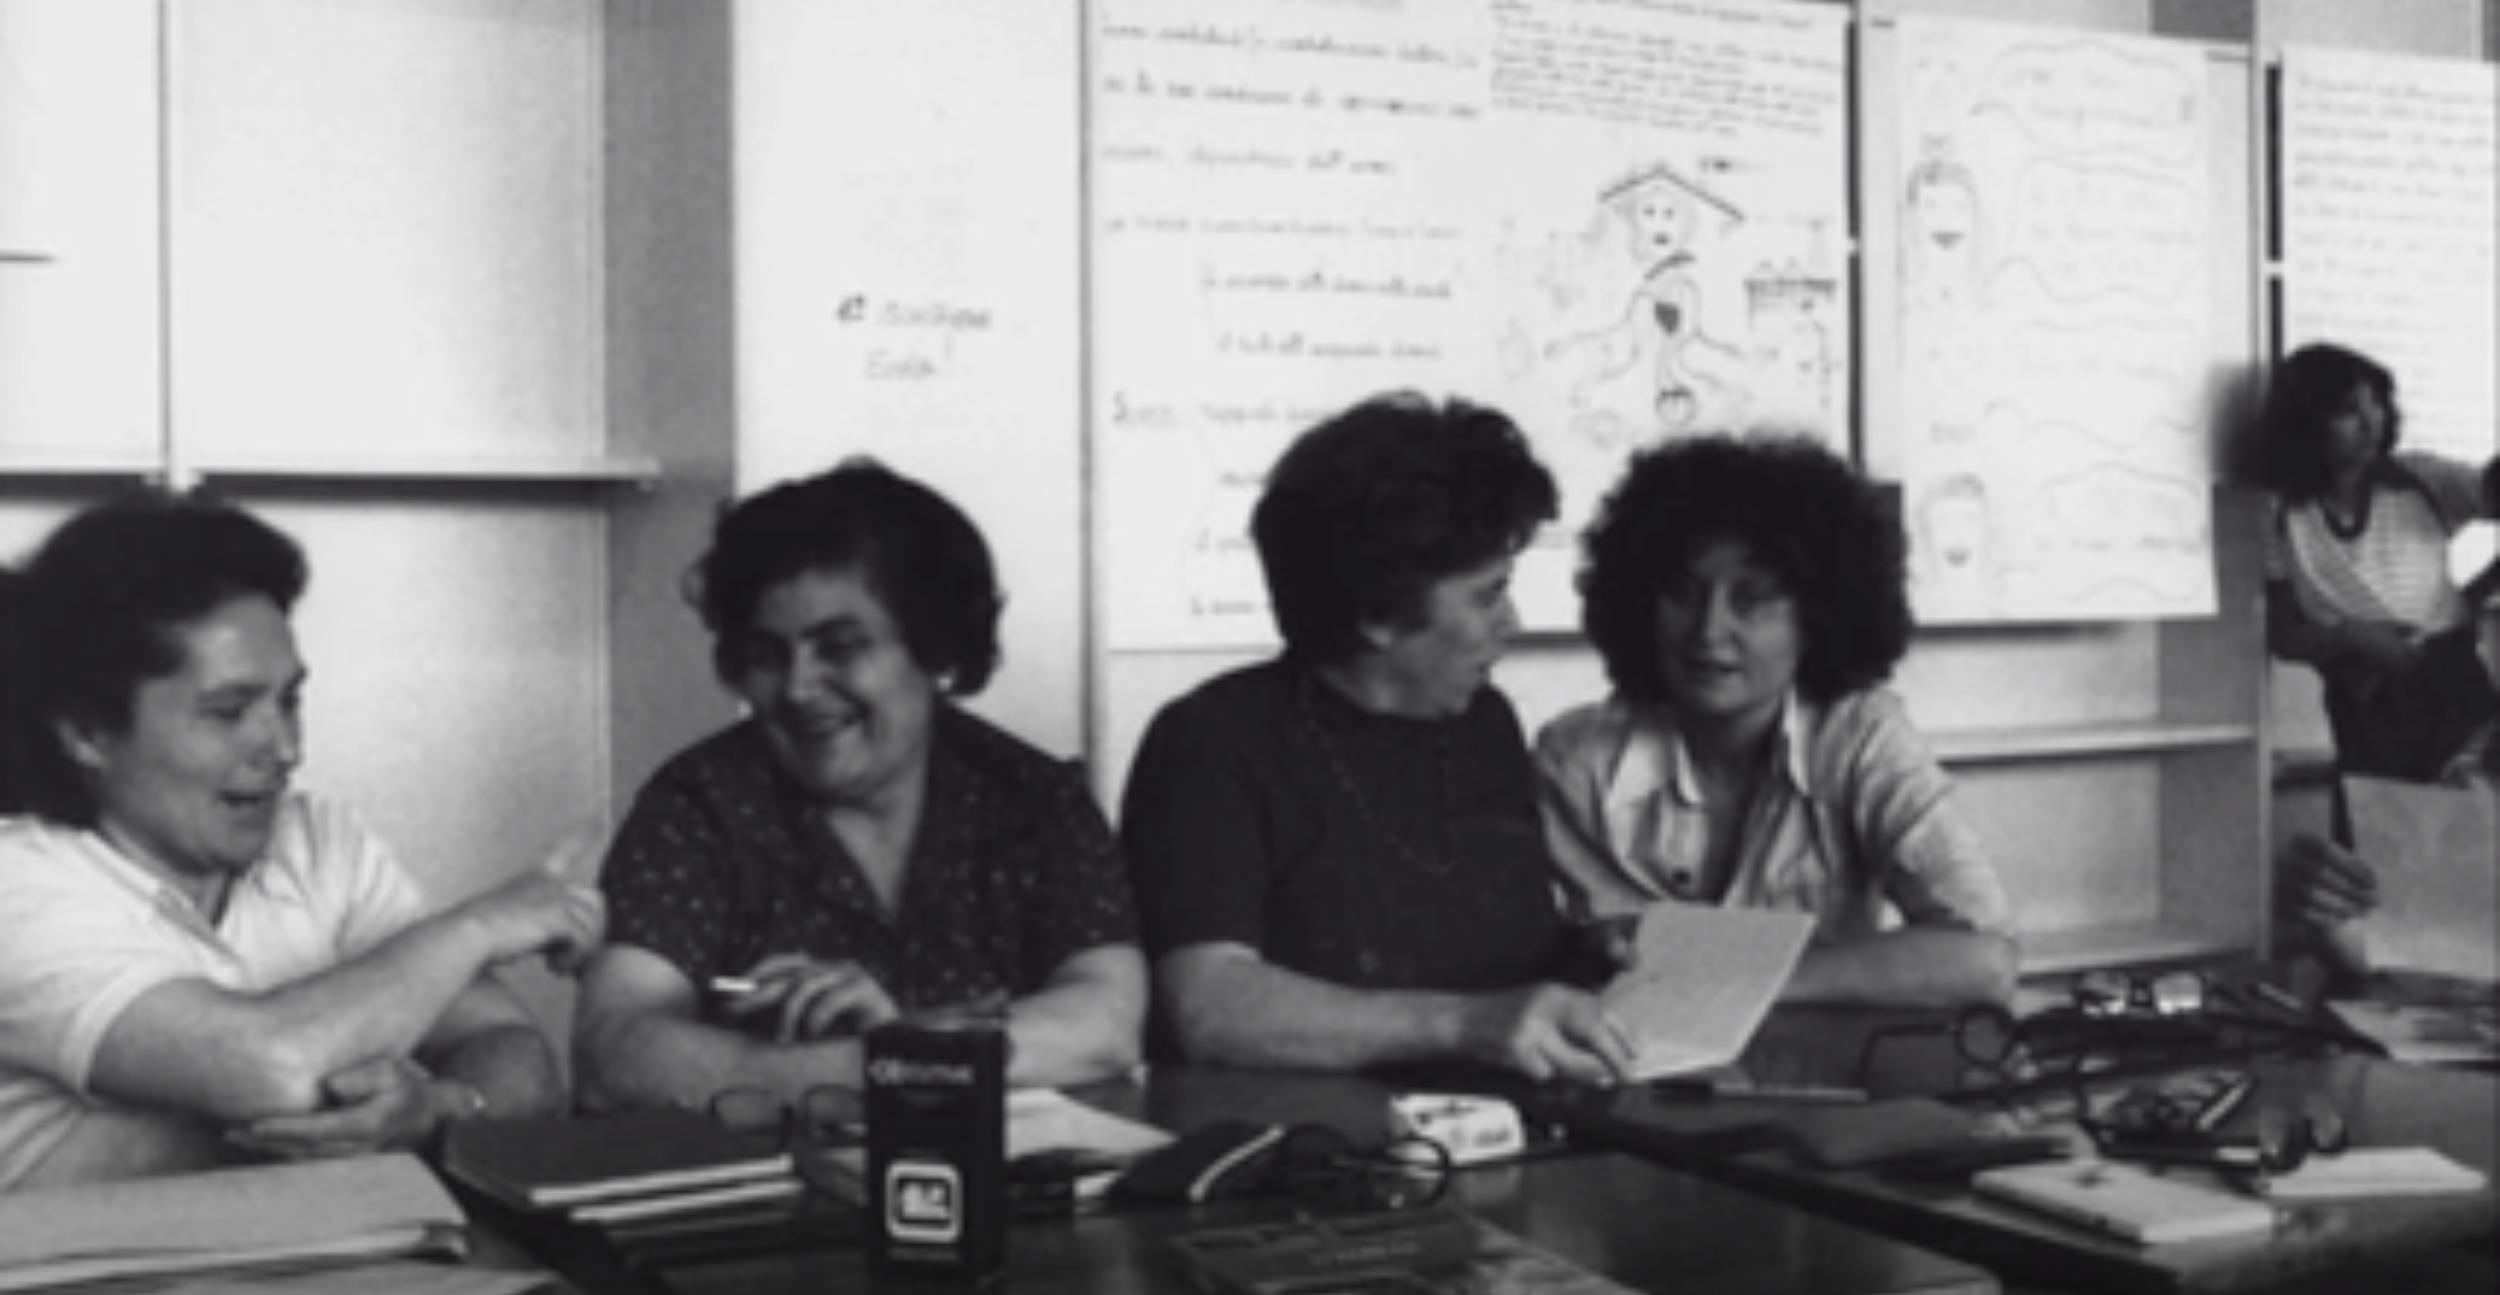 Lea Melandri and participants in the 150 Hours School, Il femminismo a Milano, Femminismo e 150 ore, MeMoMI, edited by Lea Melandri, 2014, Screenshot